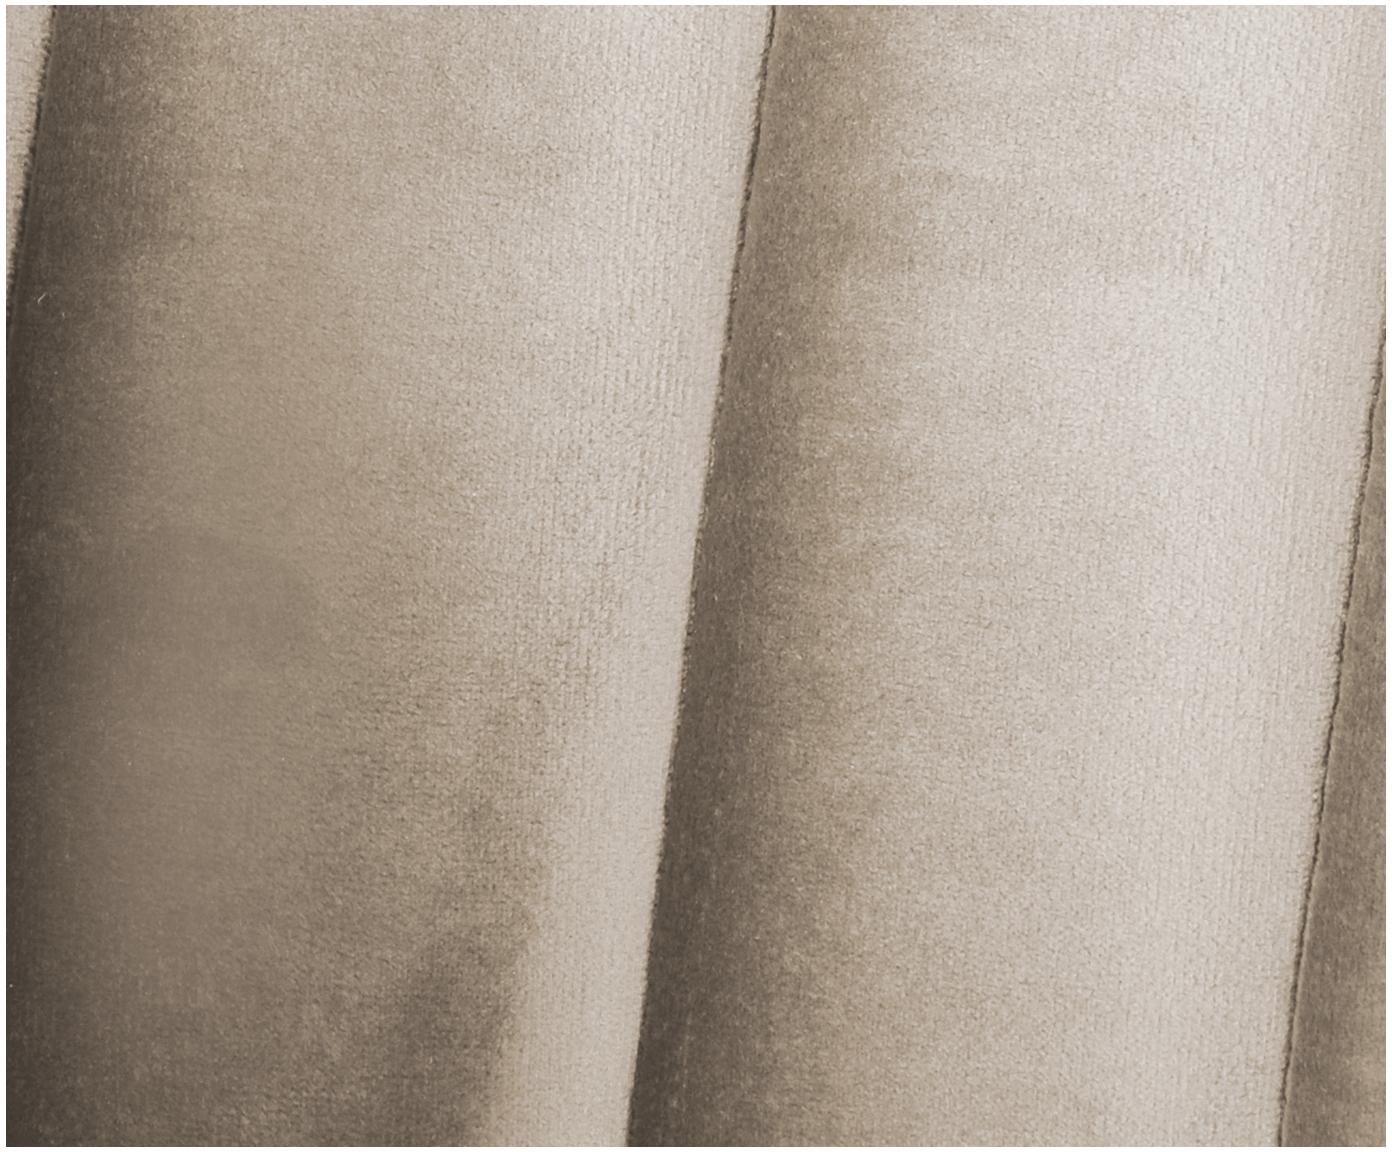 Sofa z aksamitu Dante (3-osobowa), Tapicerka: aksamit poliestrowy, Stelaż: drewno kauczukowe lakiero, Tapicerka: pianka poliuretanowa, Beżowy, S 210 x G 87 cm